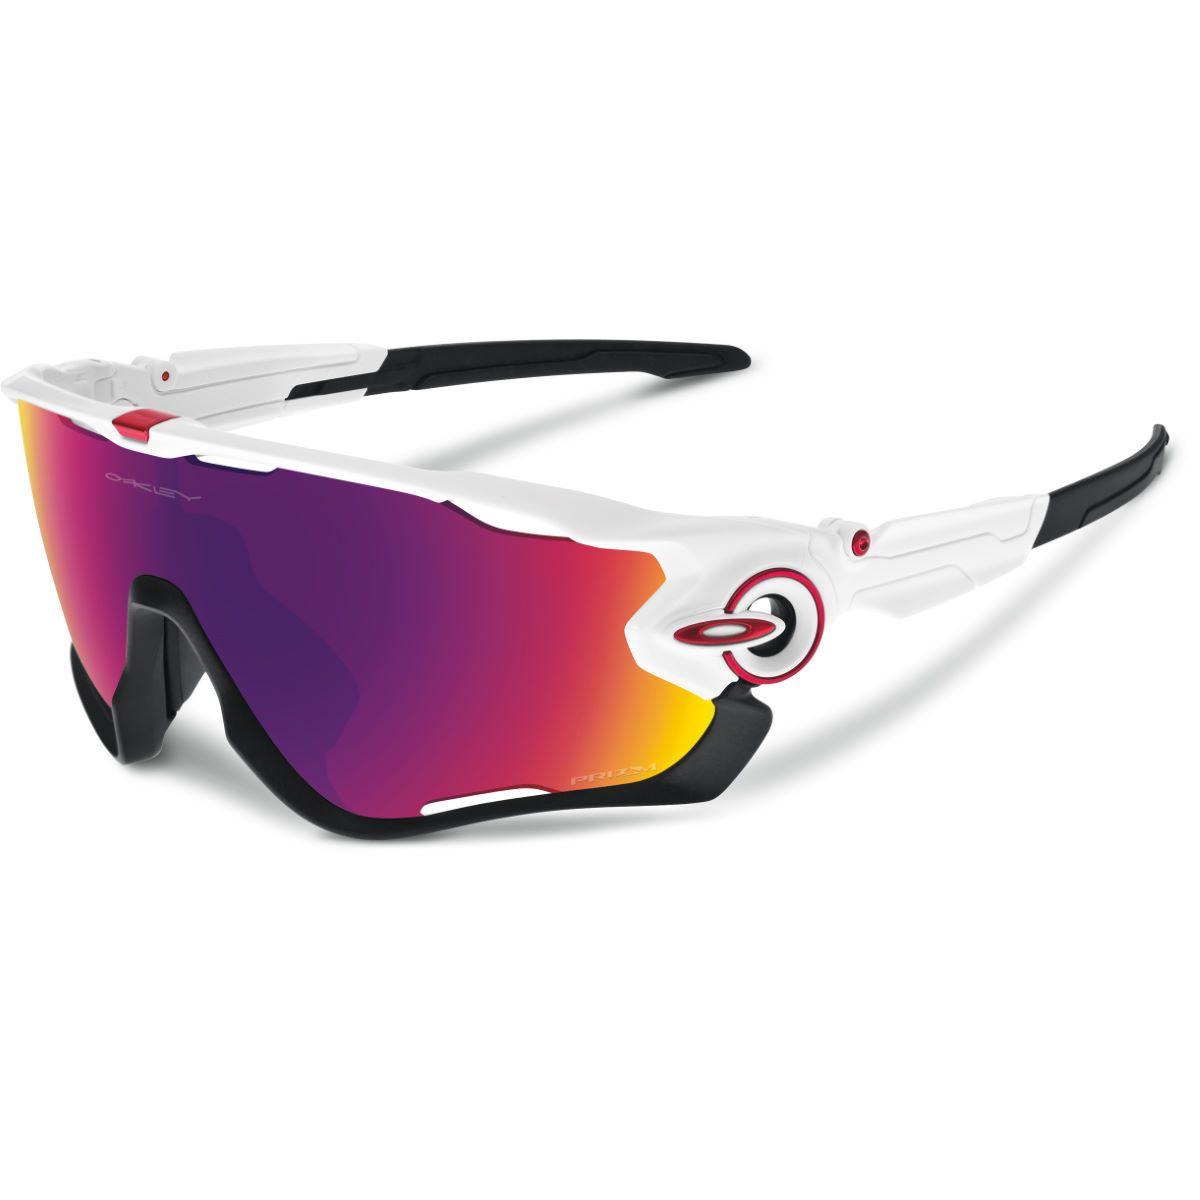 Segunda Mano Gafas De Sol Oakley, Lentes Deportivos, Gafas Deportivas,  Ciclismo, Bicicletas bc04ce83fe